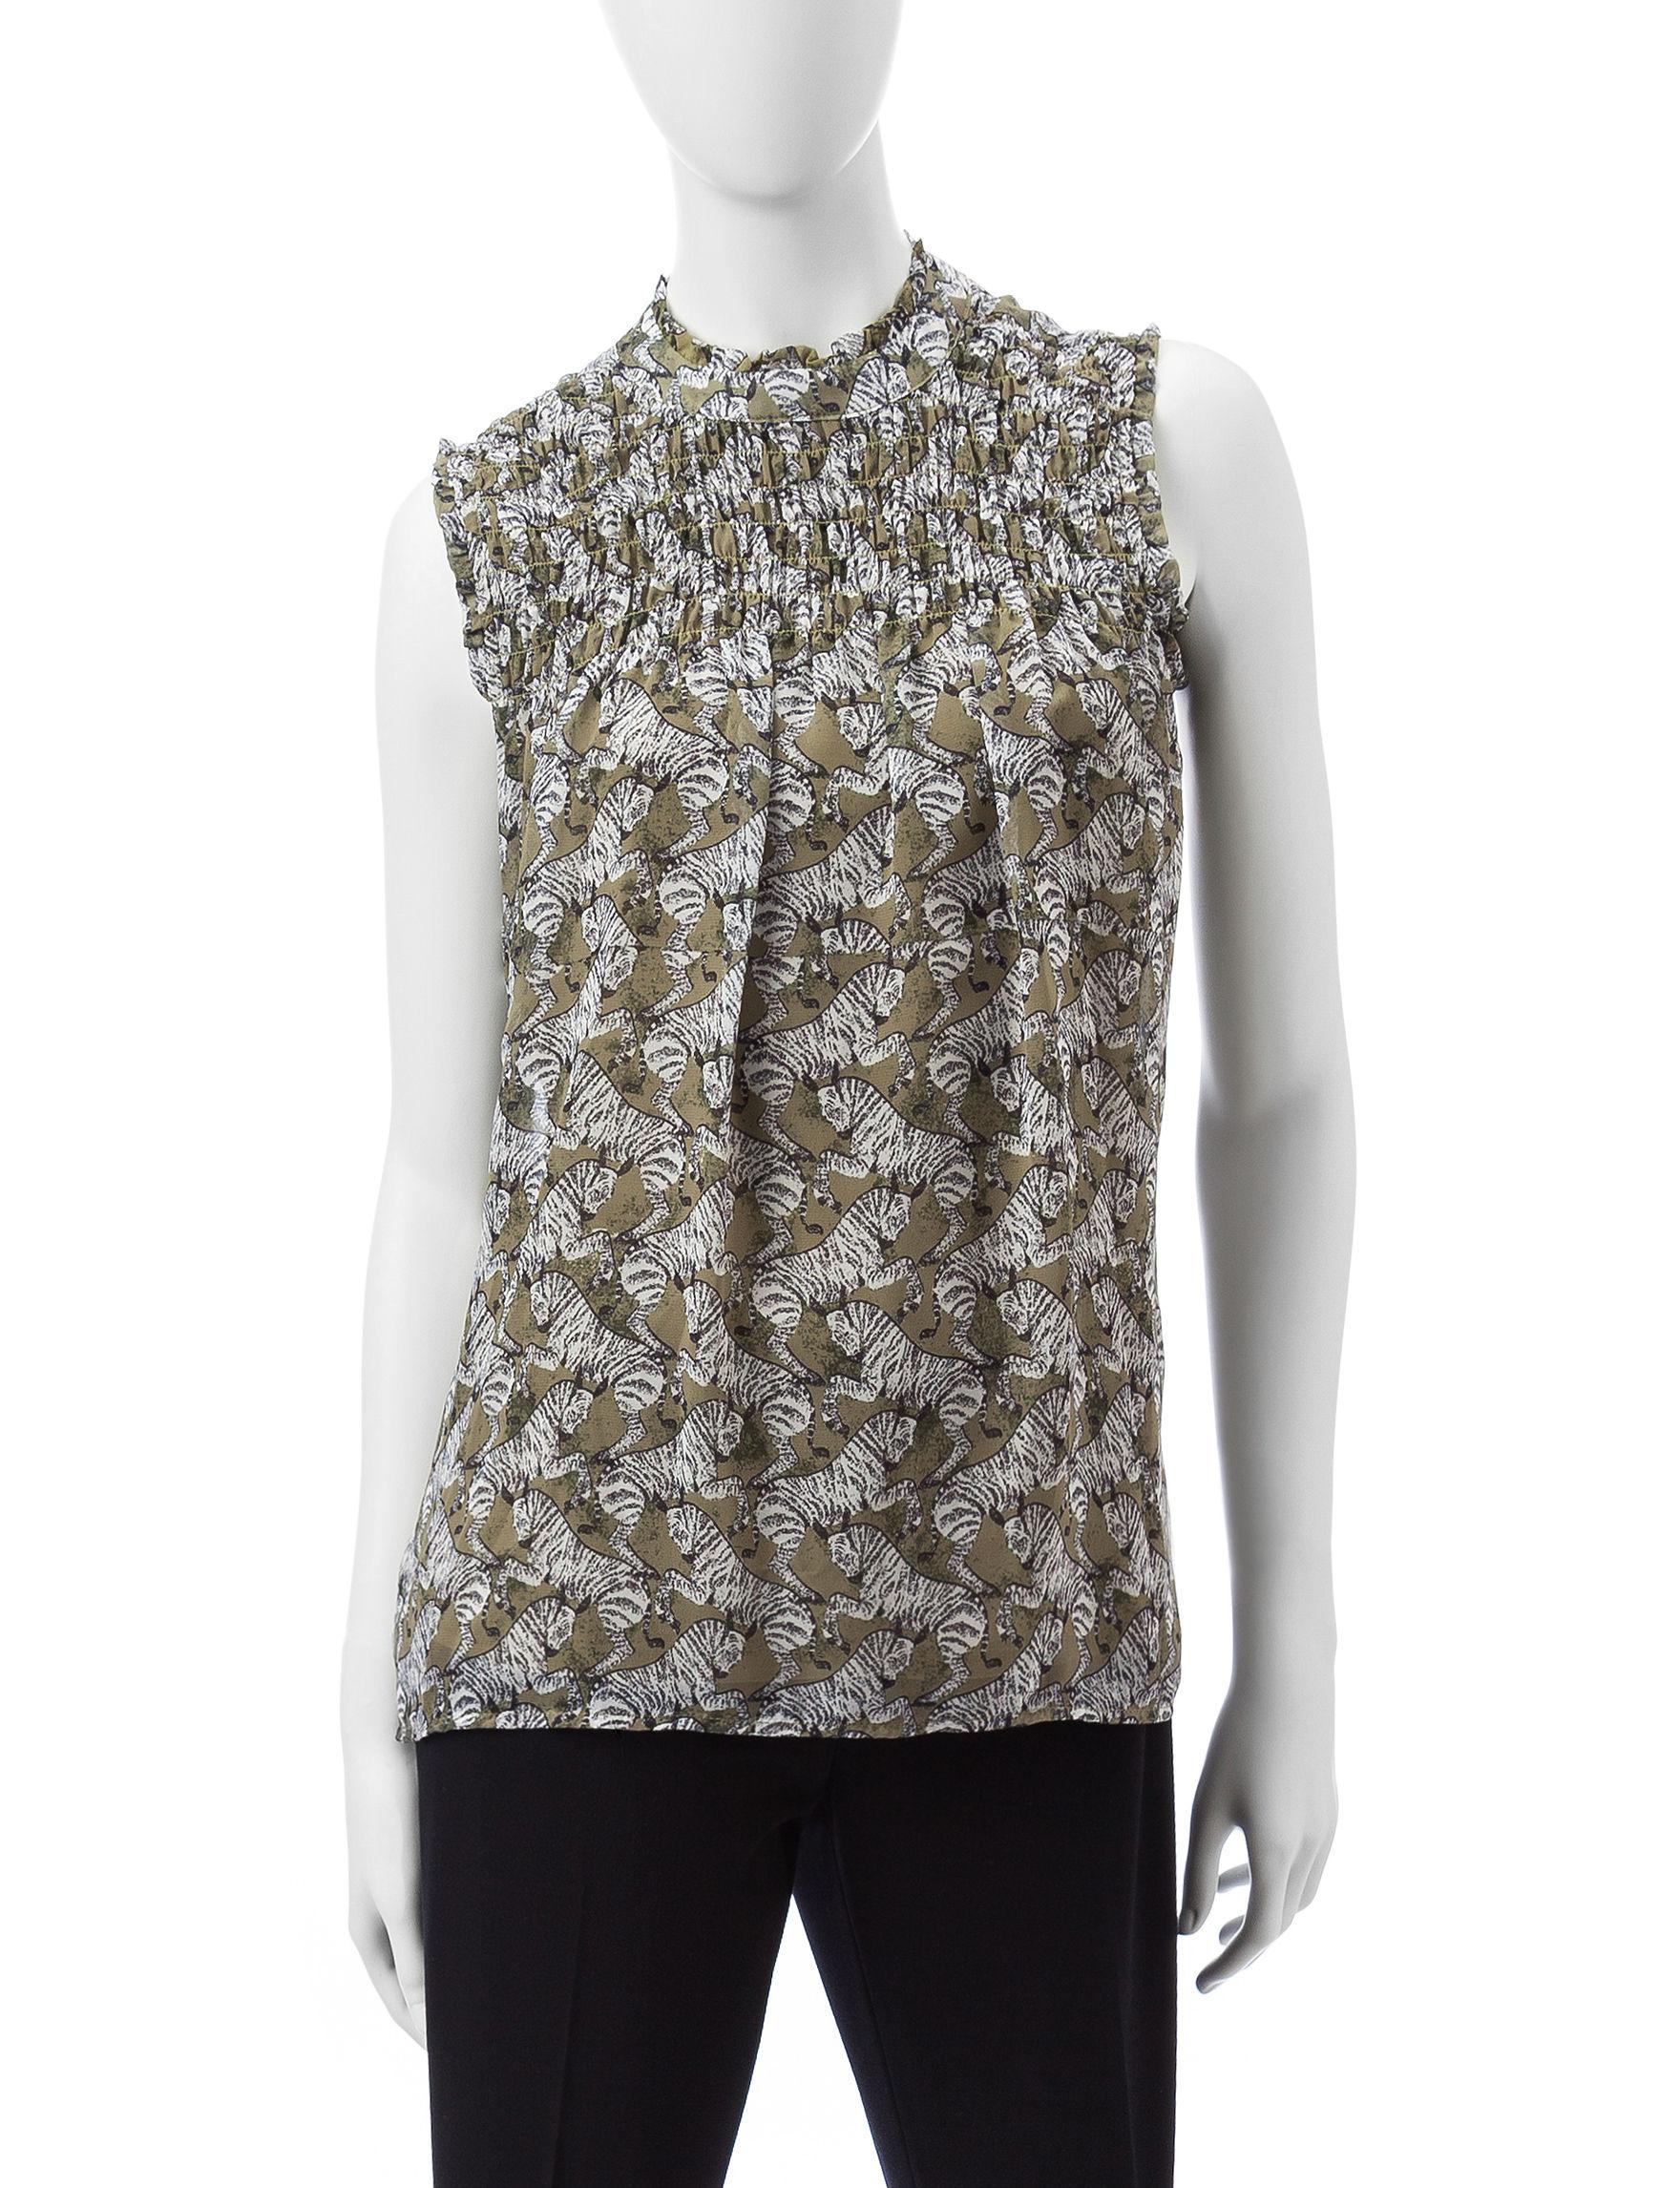 Valerie Stevens Green / Black Shirts & Blouses